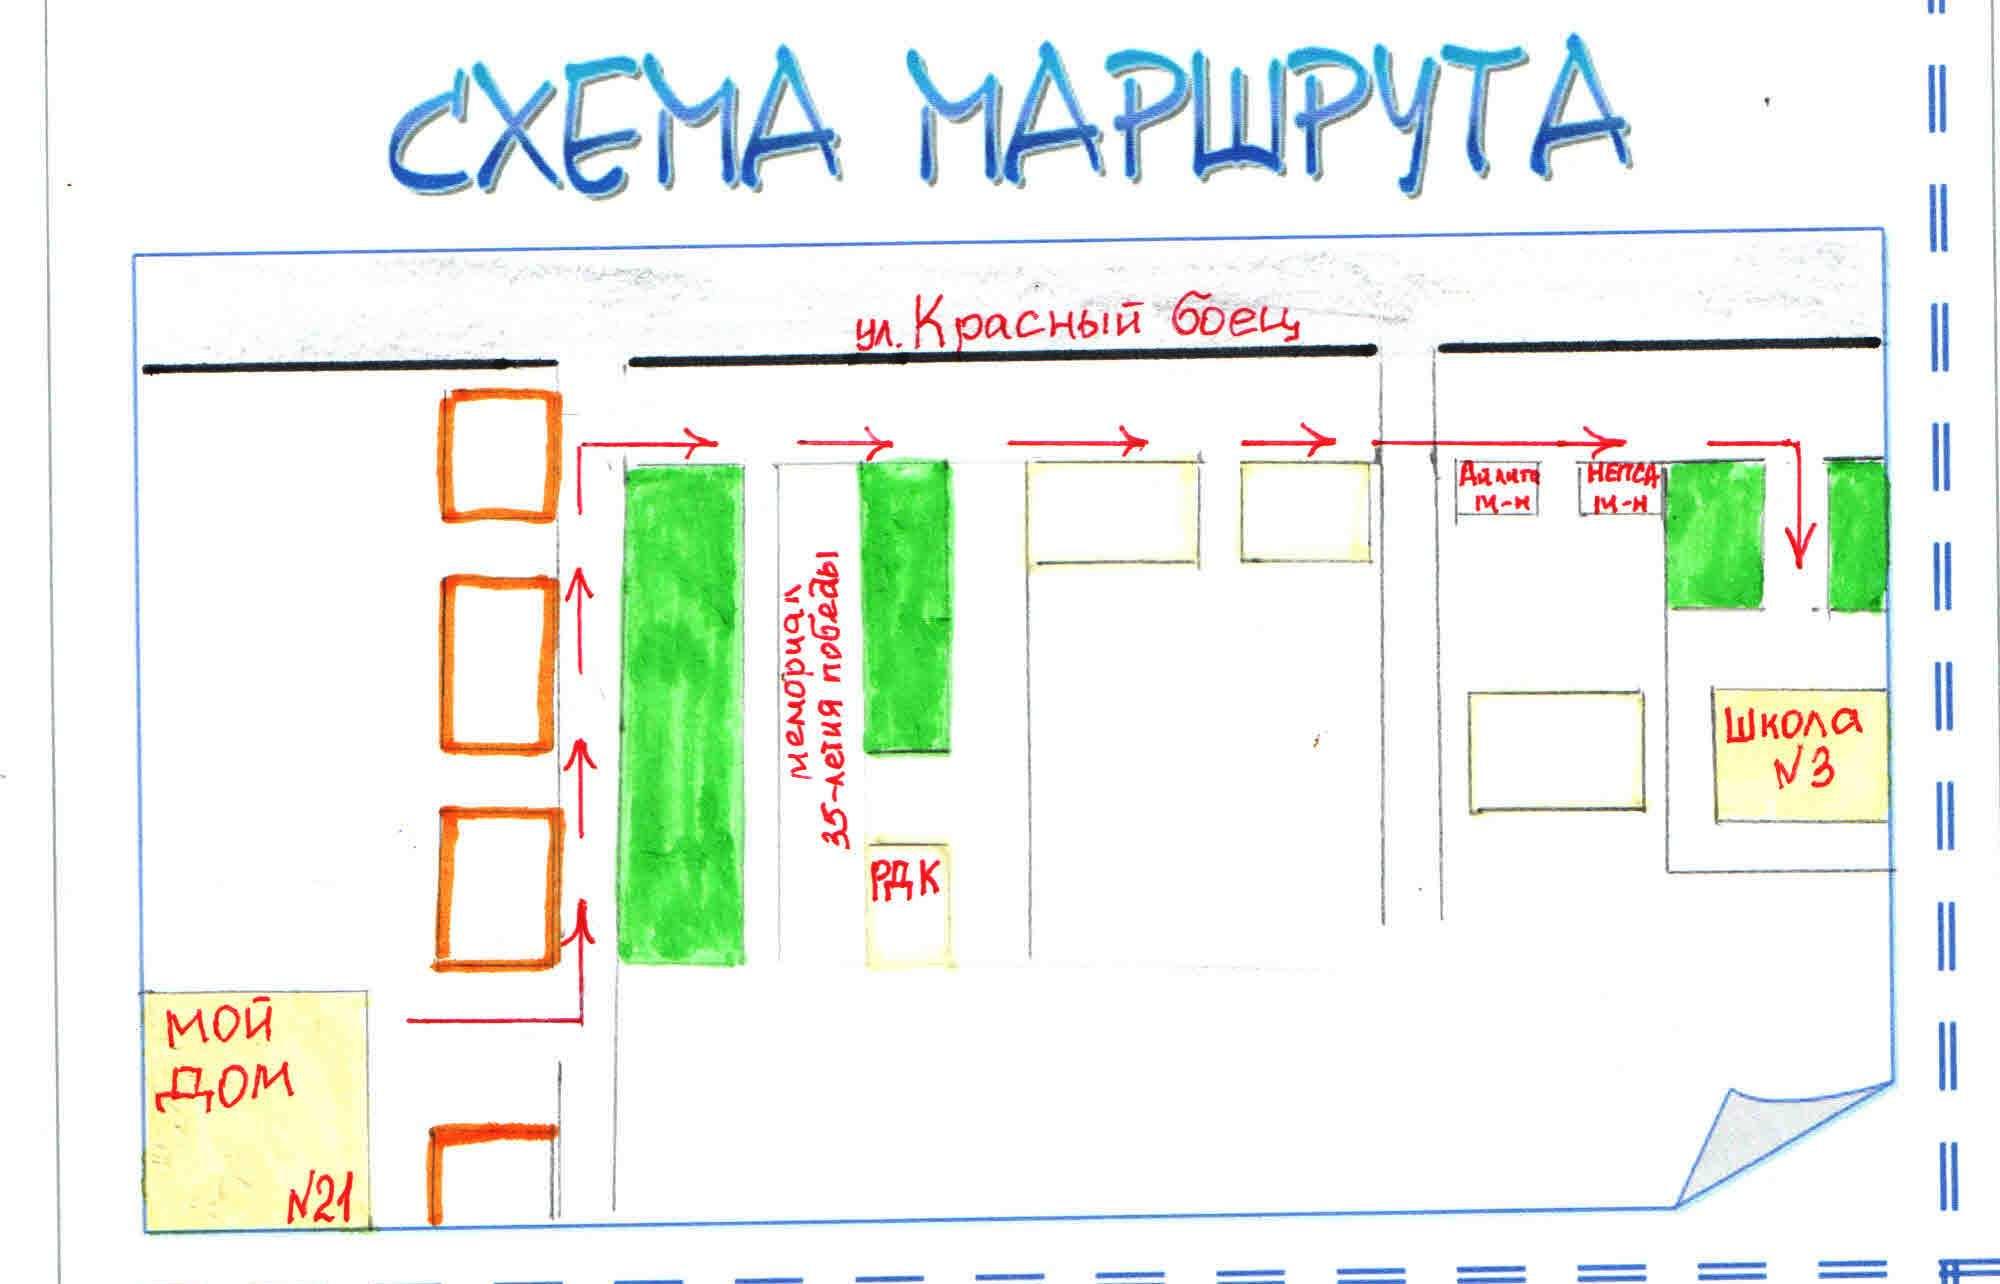 Безопасный маршрут от дома до школы схема для портфолио карта